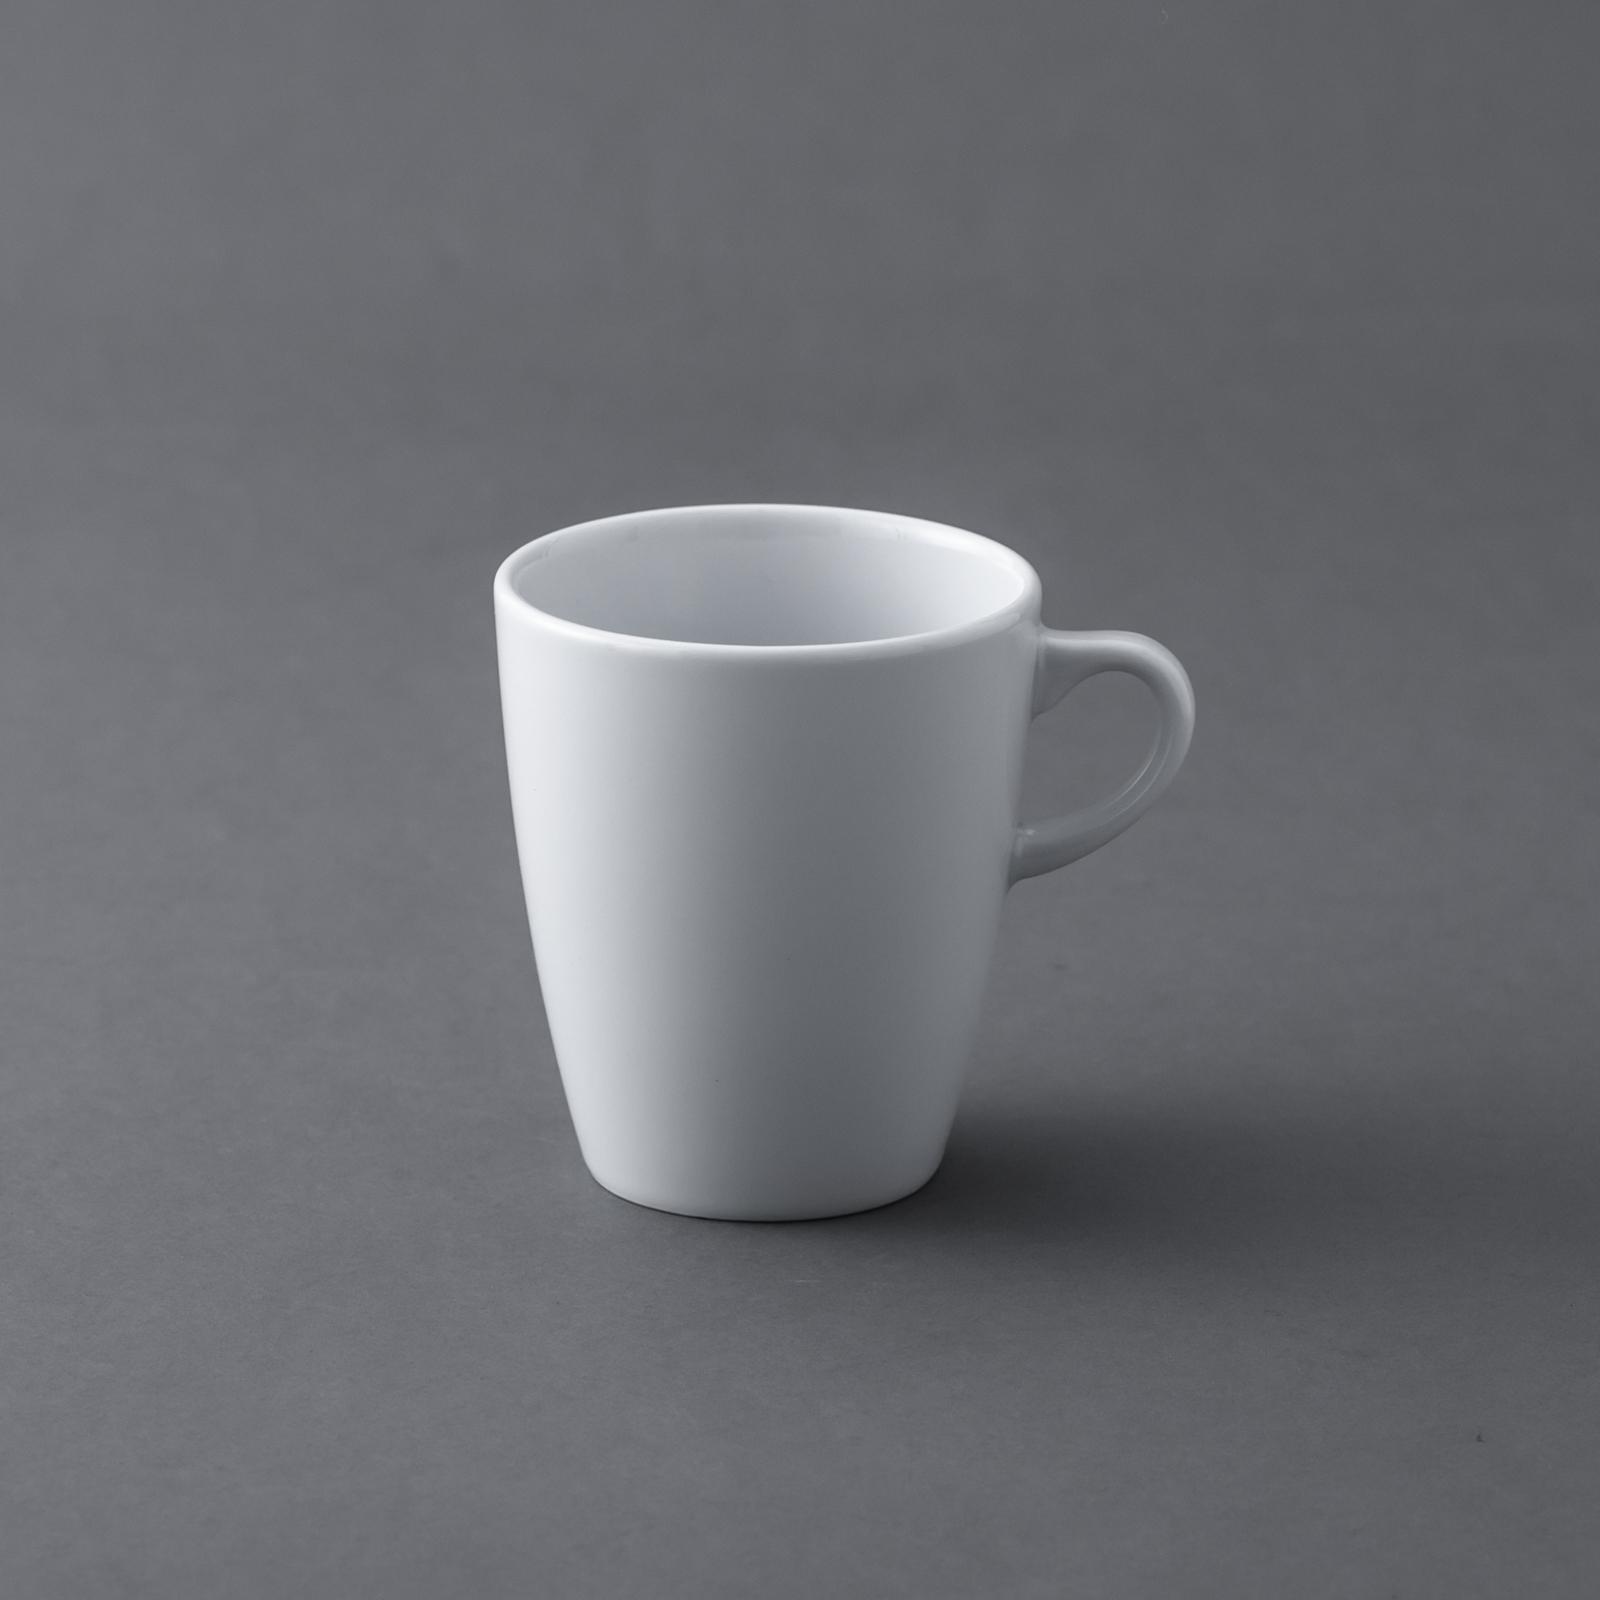 PILLIVUYT _ エデン マグカップ